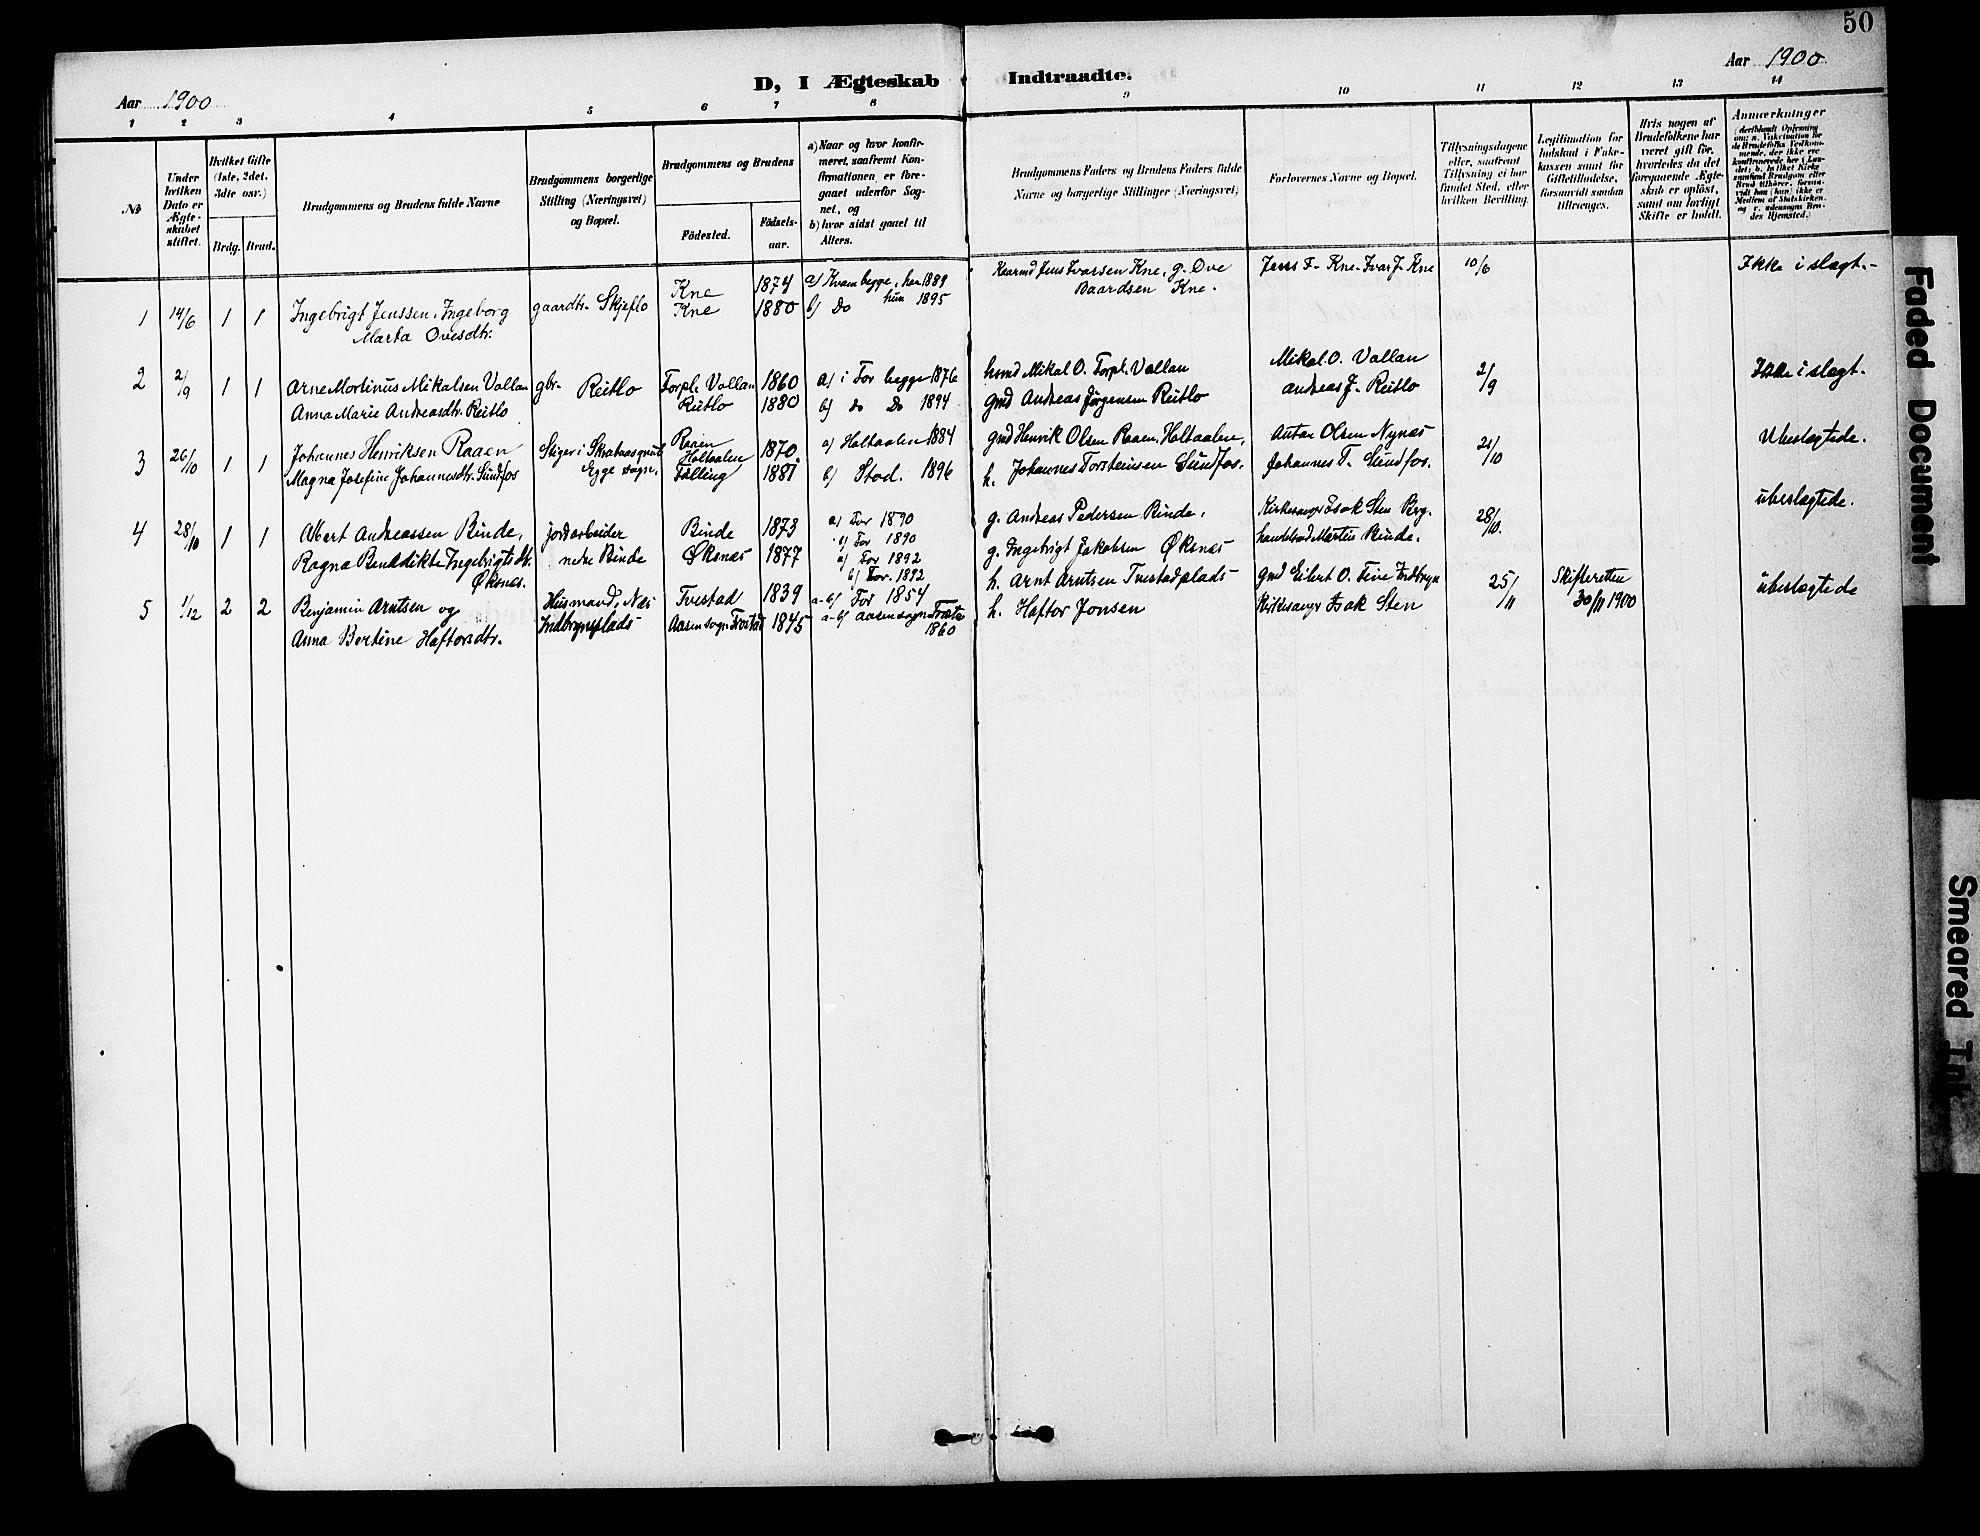 SAT, Ministerialprotokoller, klokkerbøker og fødselsregistre - Nord-Trøndelag, 746/L0452: Ministerialbok nr. 746A09, 1900-1908, s. 50